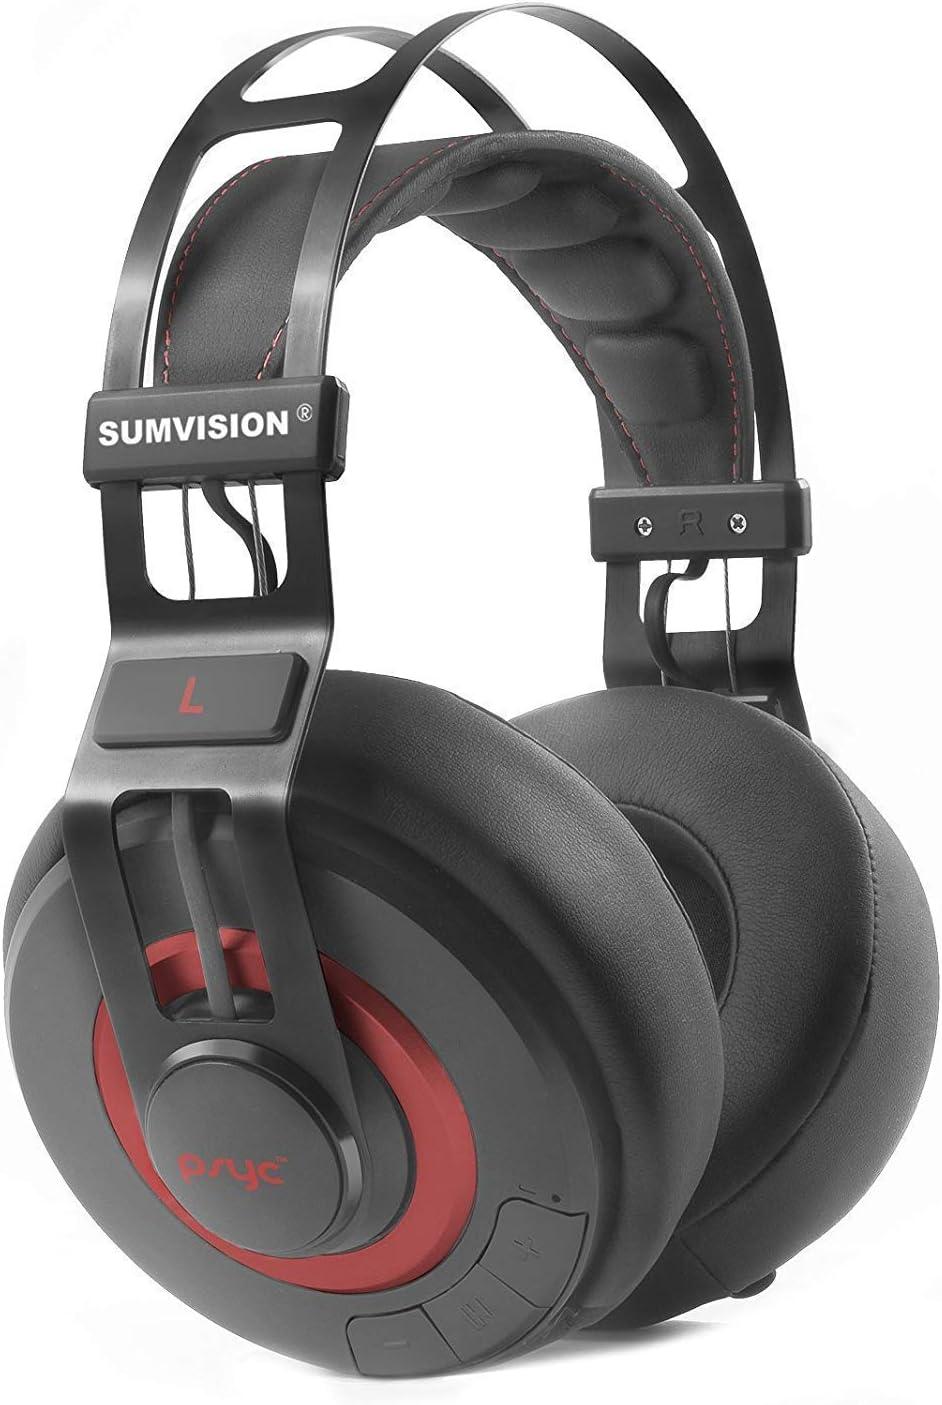 Sumvision Psyc Wave ZX inalámbrico con Bluetooth estéreo auriculares de diadema con micrófono construido en micrófono Bluetooth 4 aislamiento de ruido para iPhone iPad Samsung HTC Smartphones Tablets